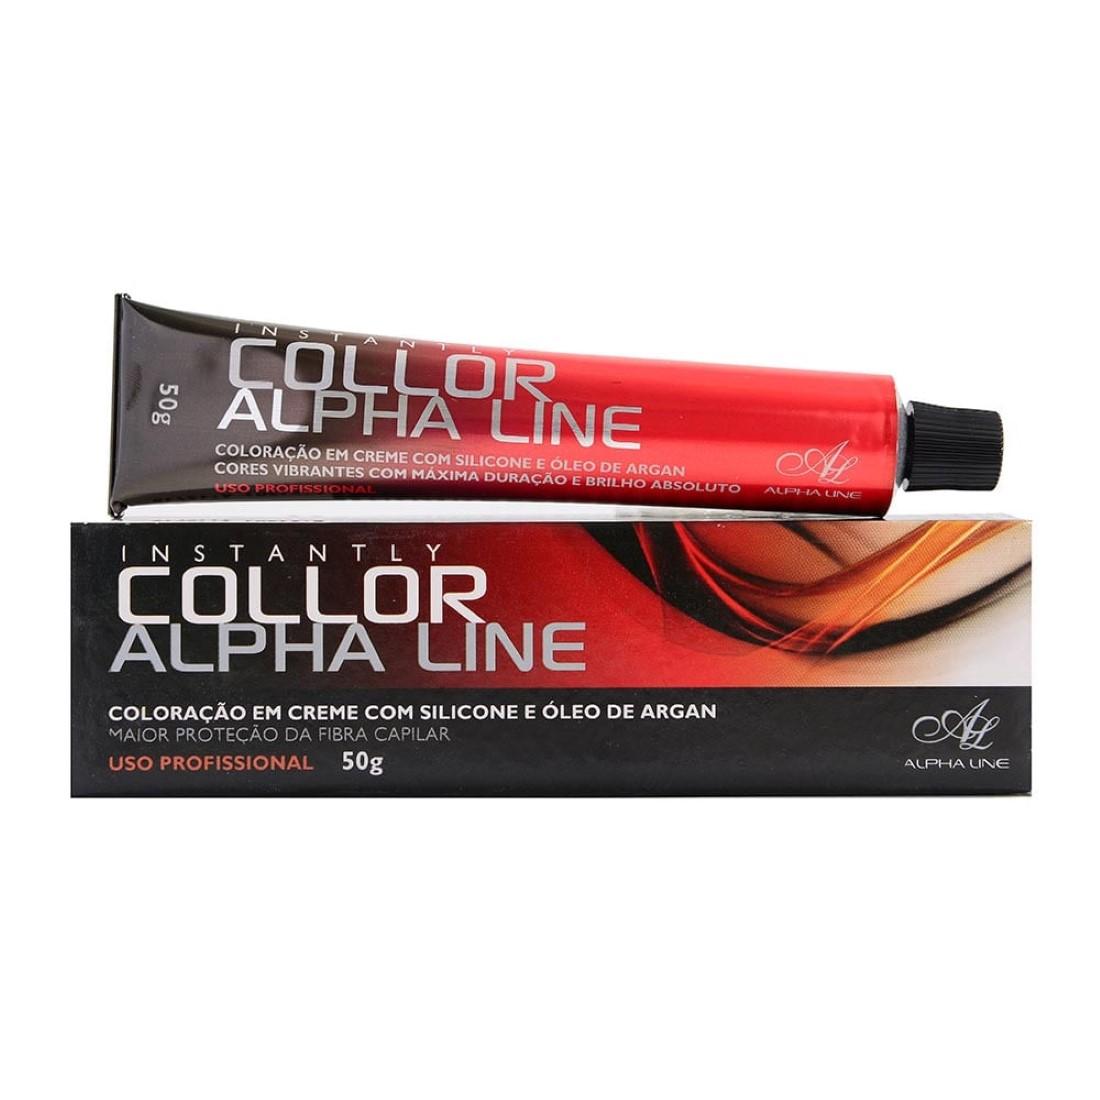 Coloração Instantly Collor Castanho Médio  4.0 - Alpha Line